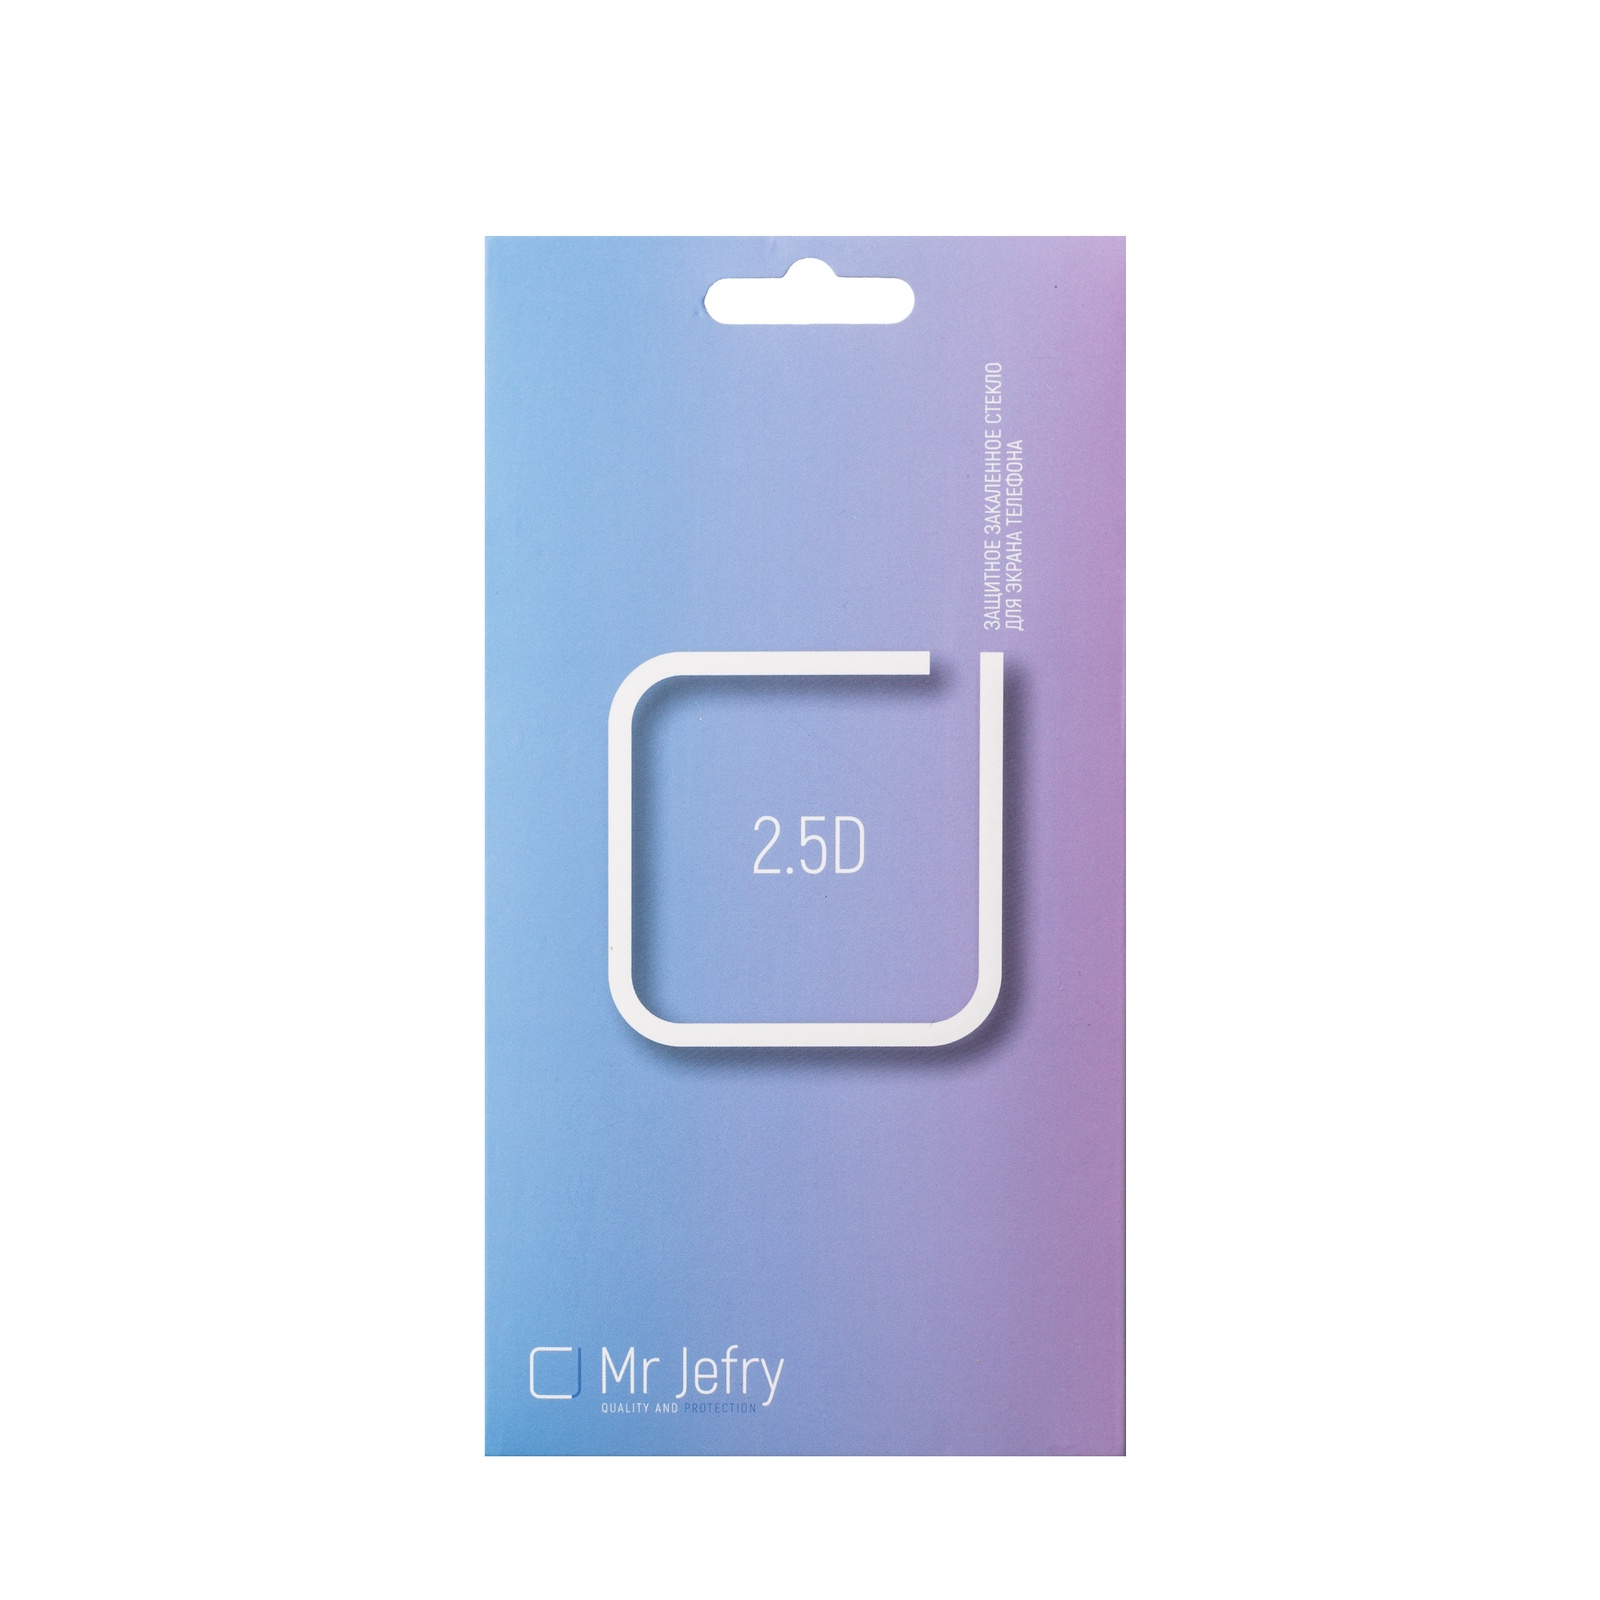 Mr Jefry стекло защитное (многослойное) 2,5D для Samsung J4